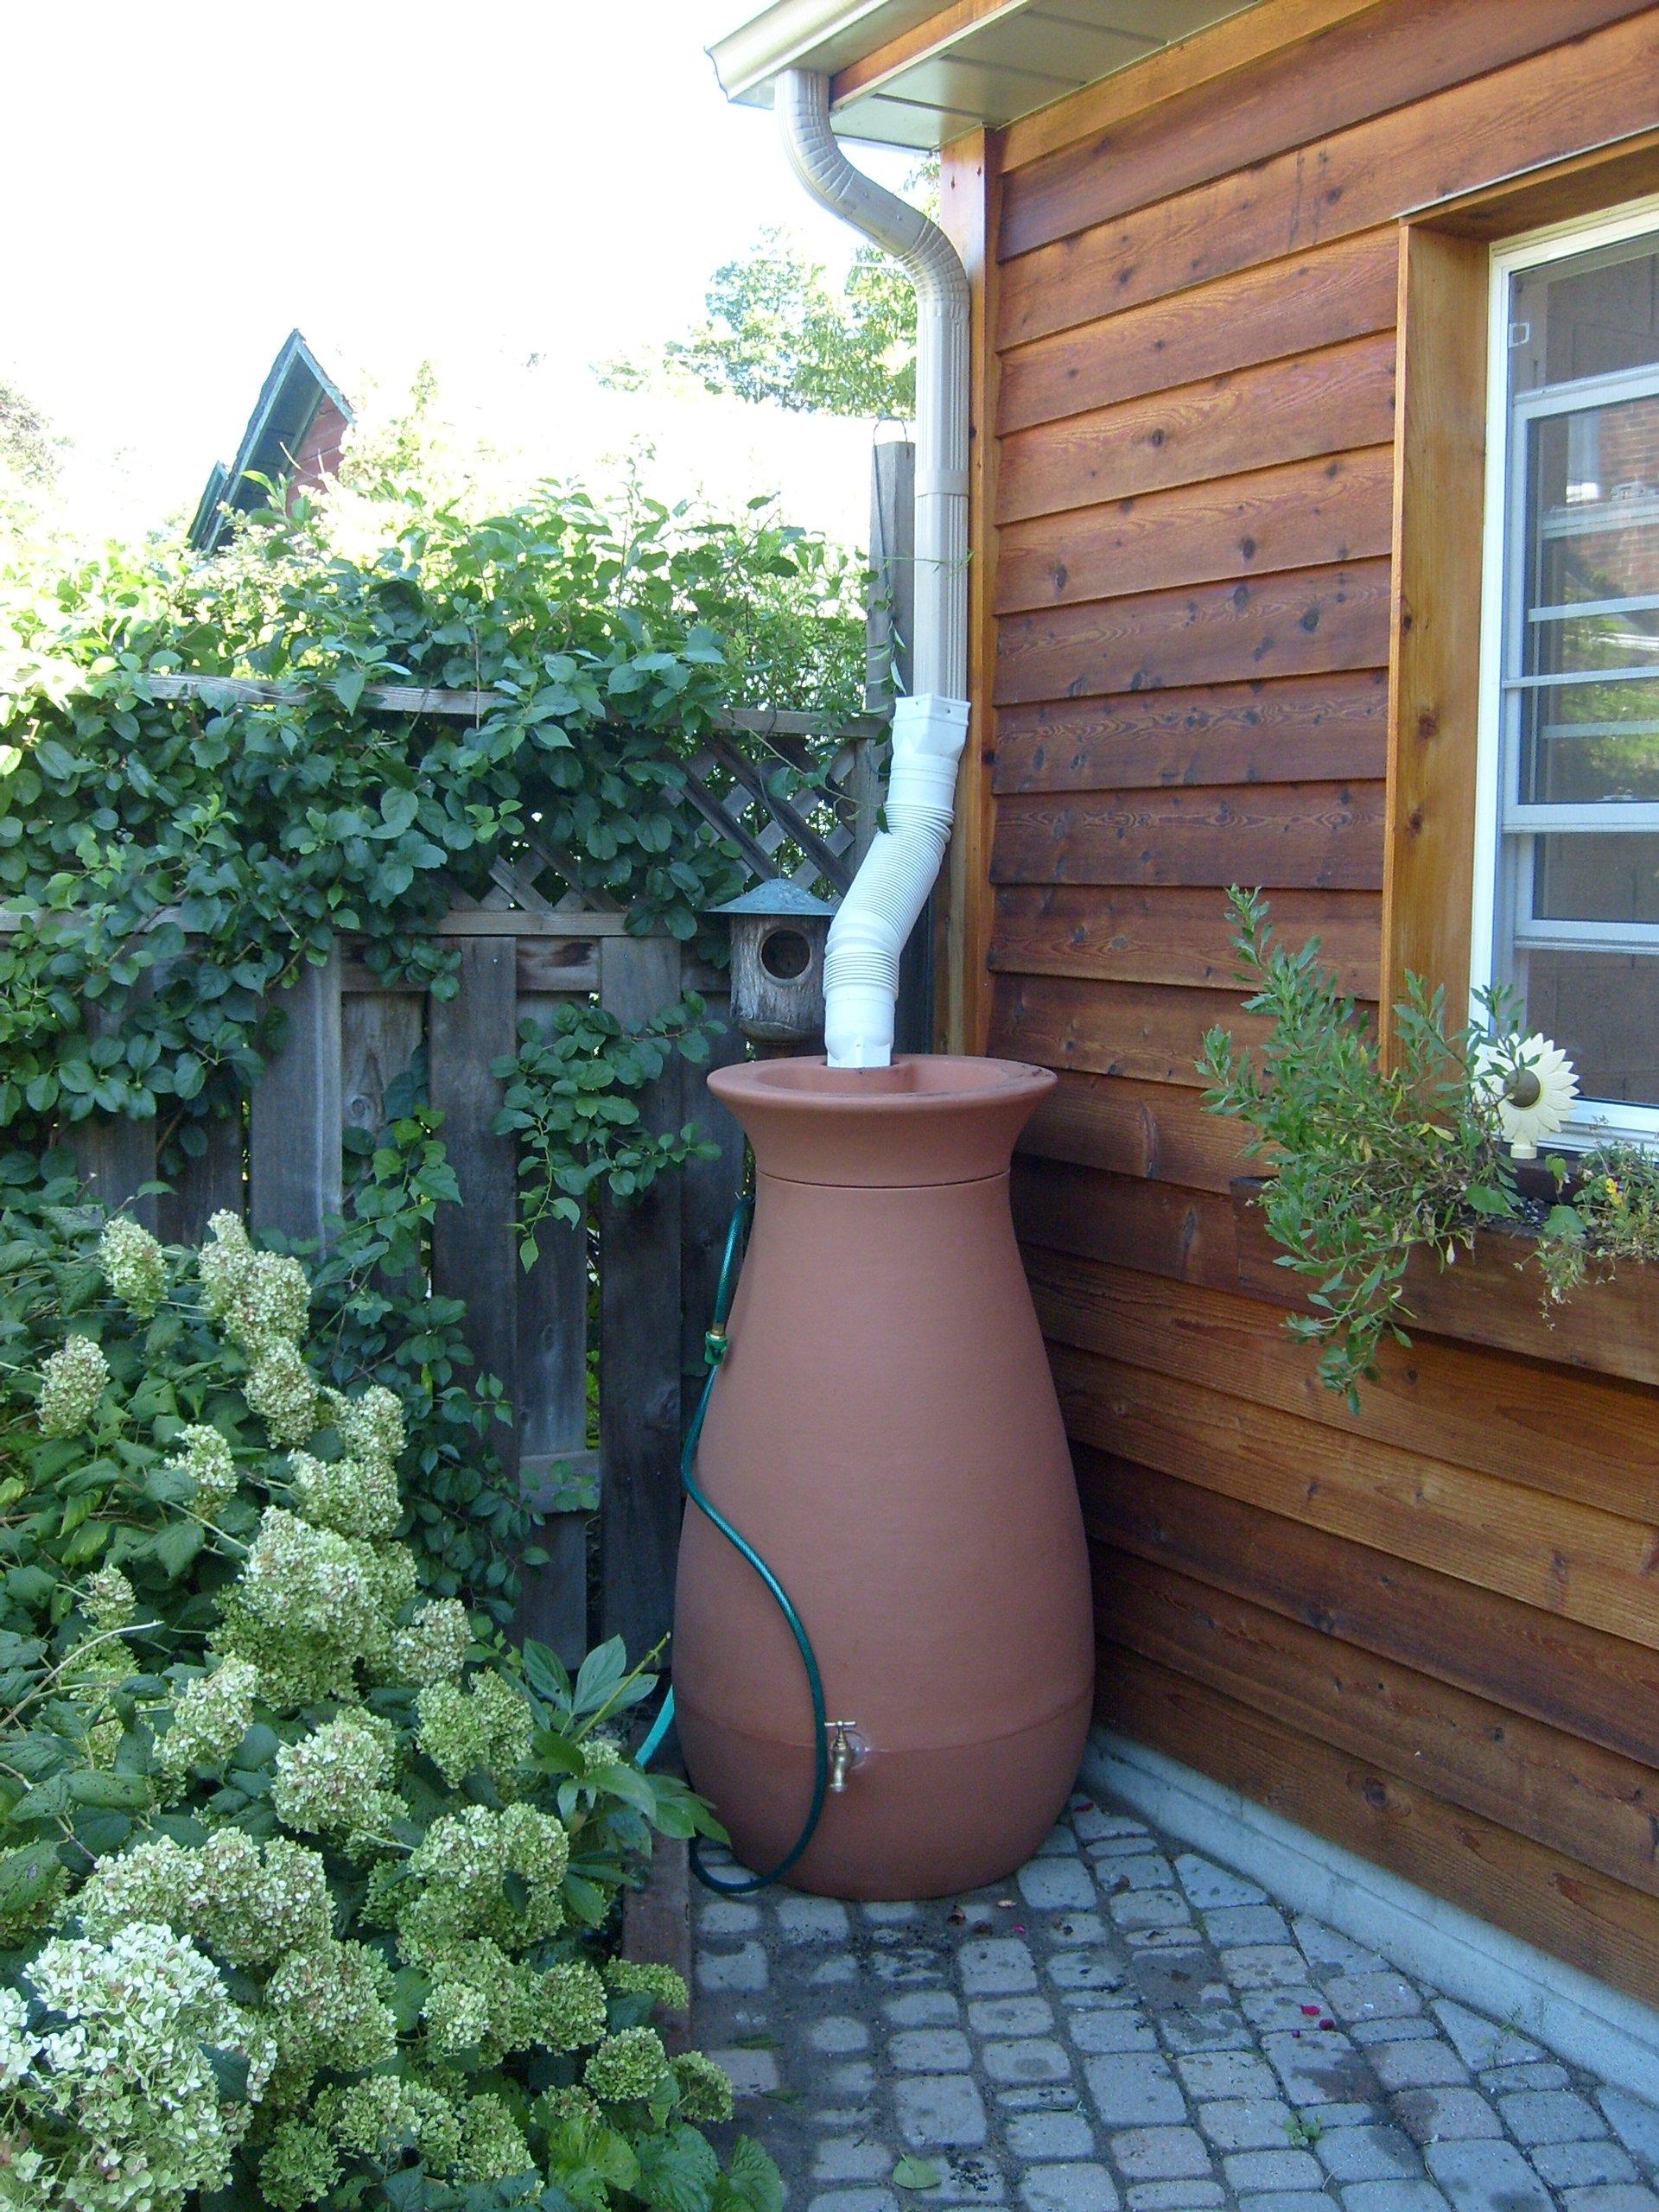 Garden water barrel